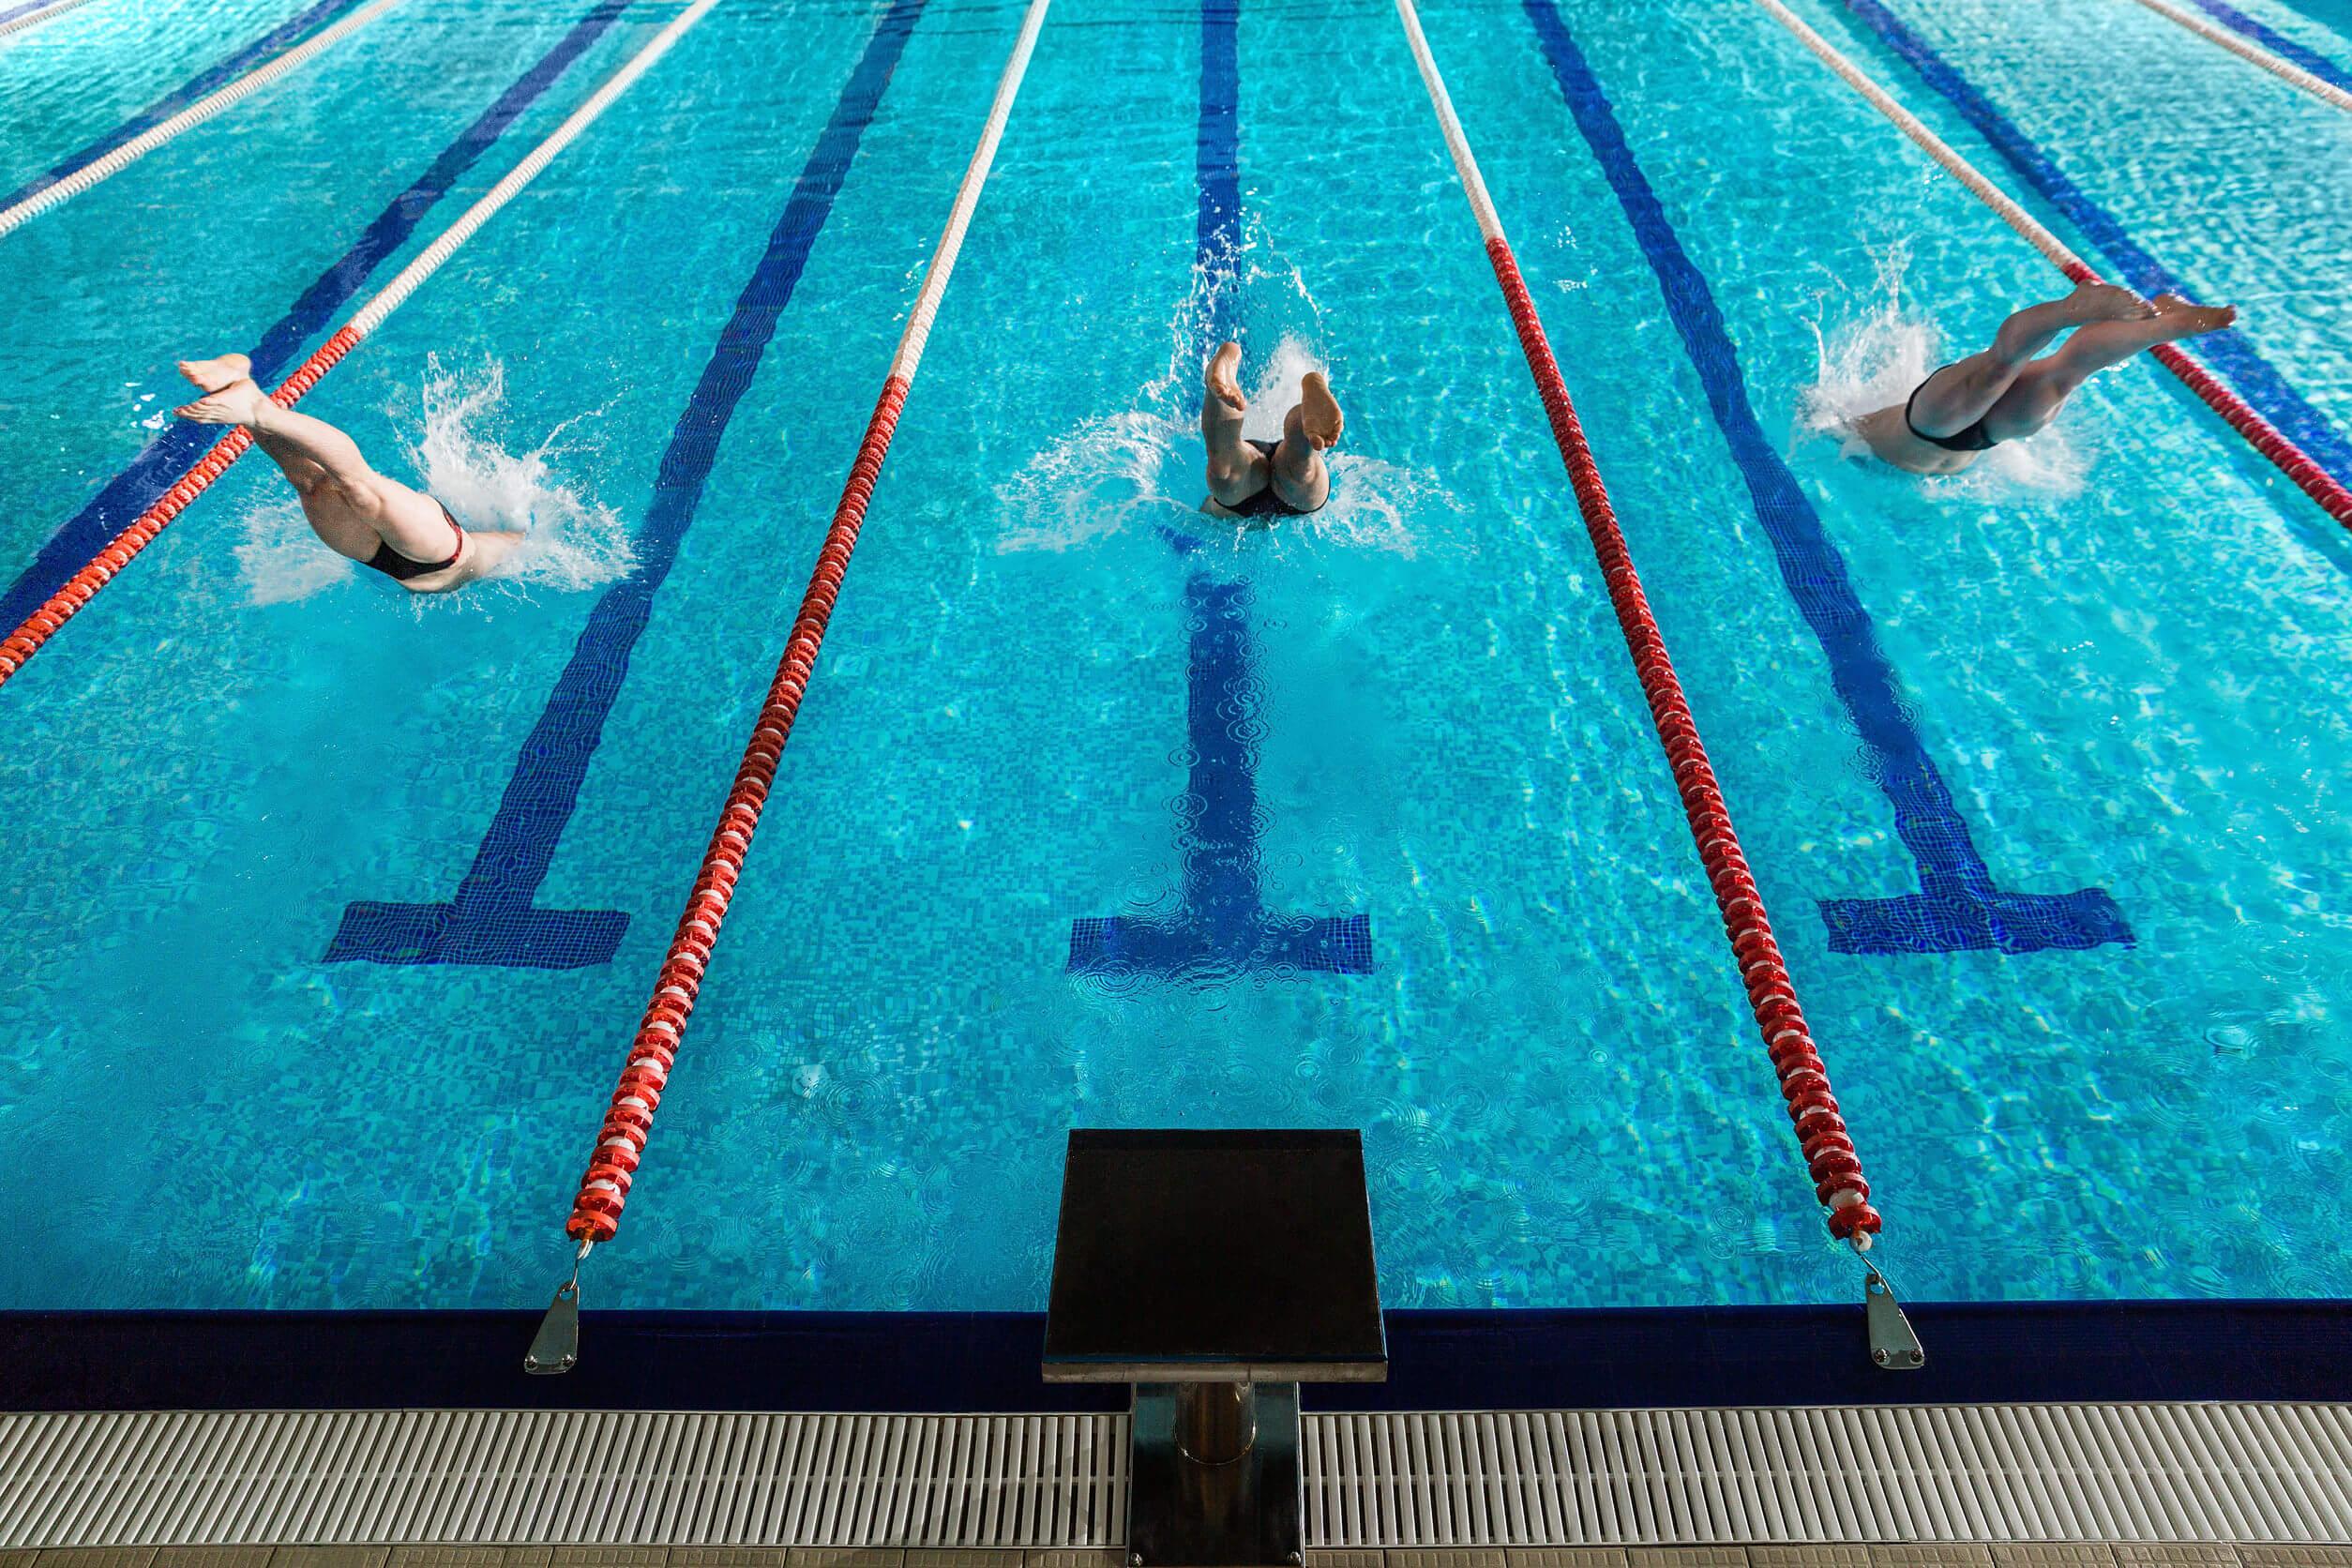 Pruebas de natación presentes en los Juegos Olímpicos